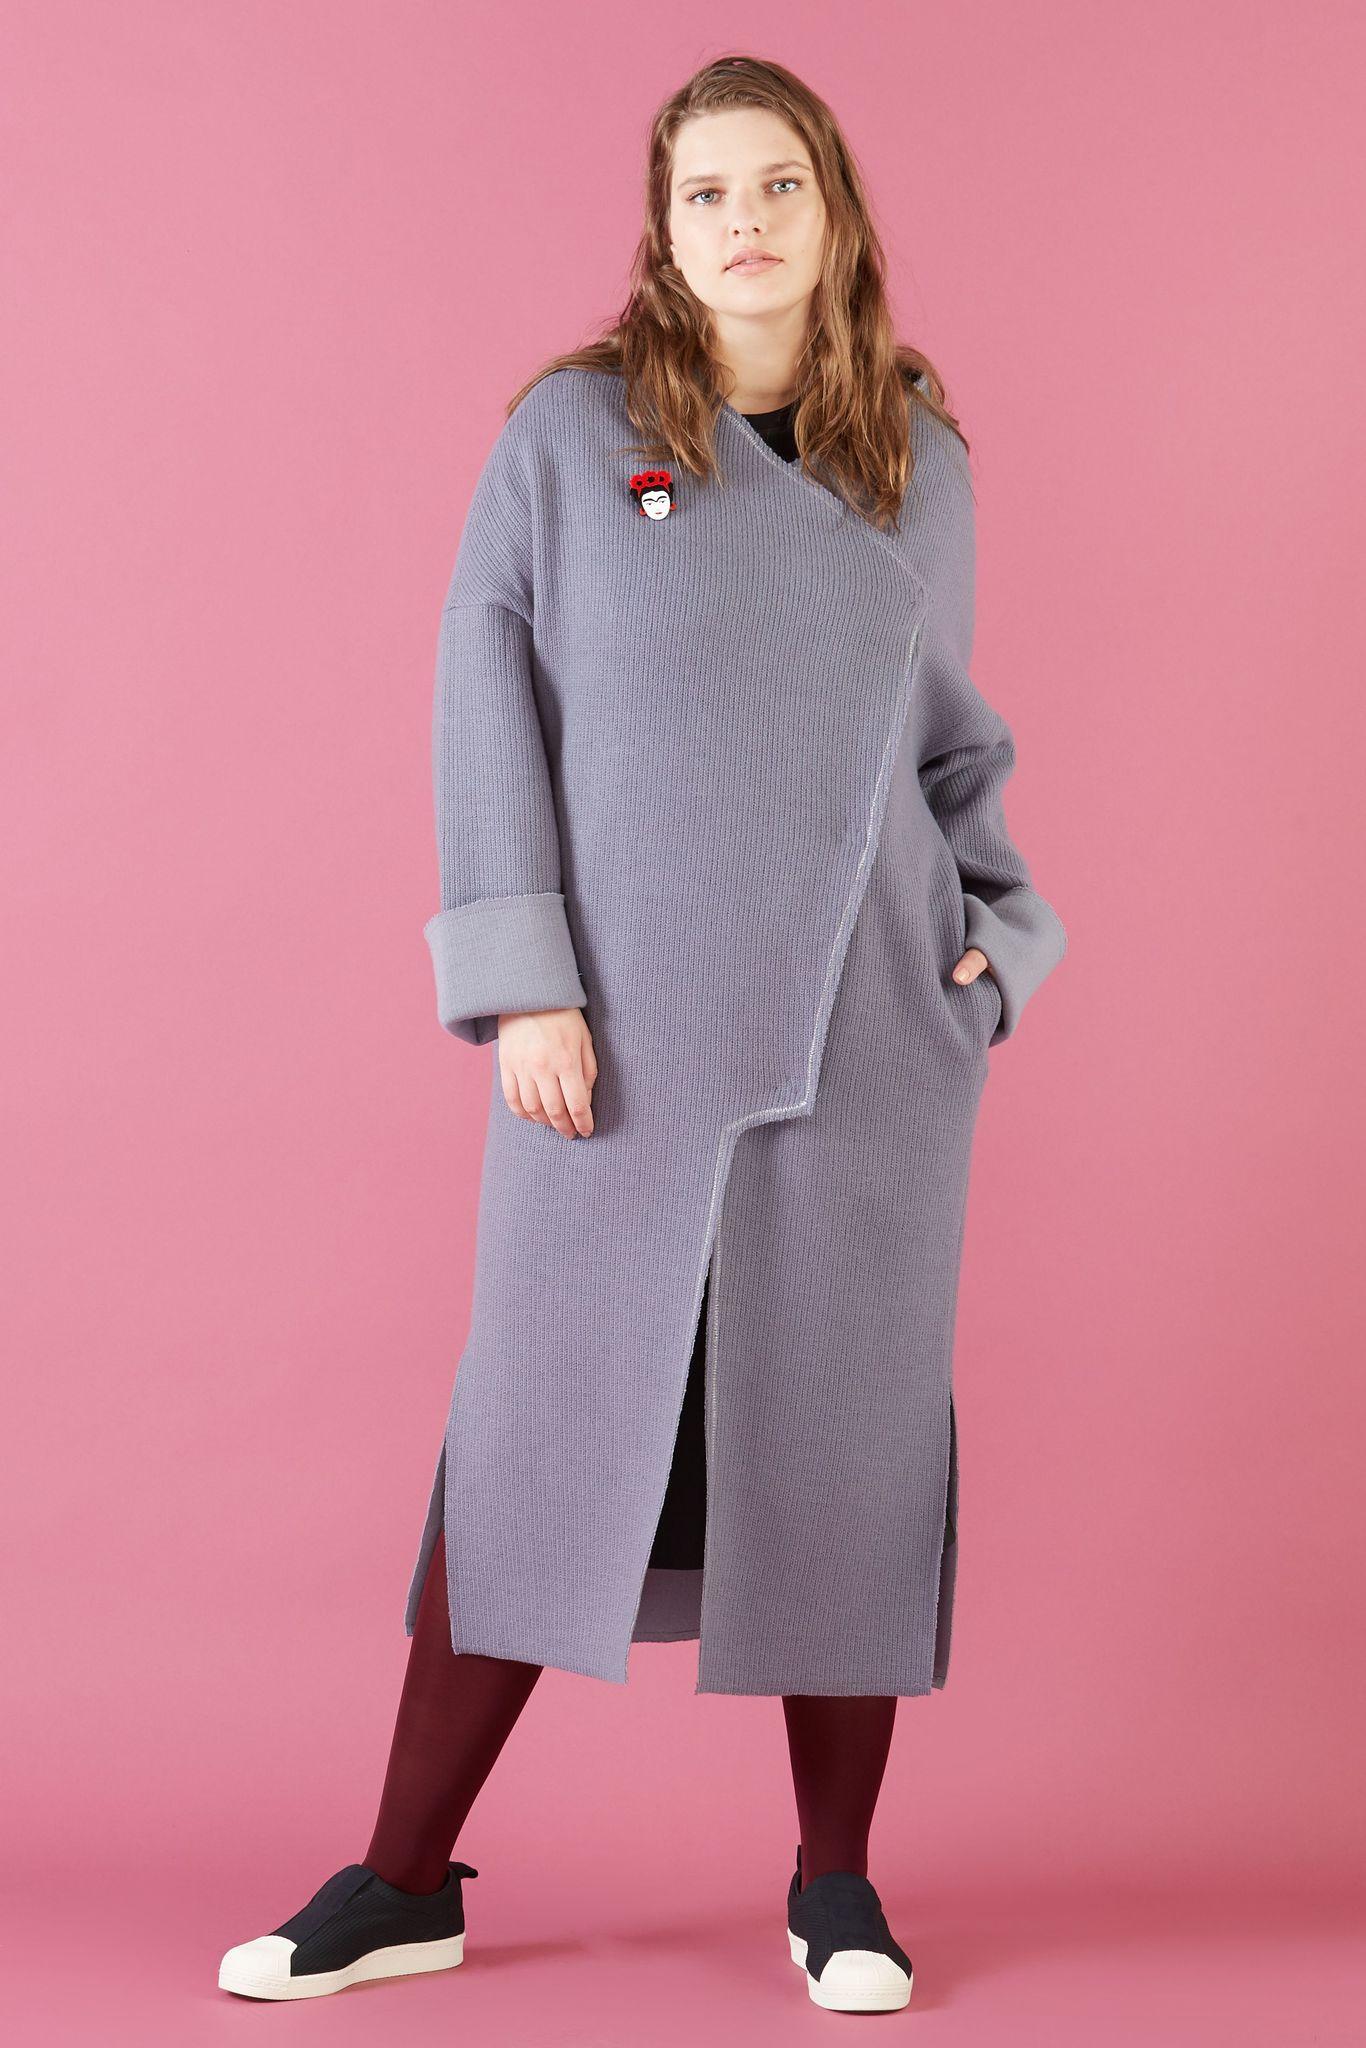 Кардиган-пальто LE-06 CА01 06Хиты продаж<br>Свободный мягкий кардиган-пальто без подкладки с контрастной строчкой люрексовой нитью. Правильный баланс шерсти и вискозы в составе - позволит носить его осенью и даже мягкой зимой. Пластичный, легкий, немнущийся, идеально - в городе и в путешествии. Рост модели на фото 178 см, размер 54 (российский).<br>